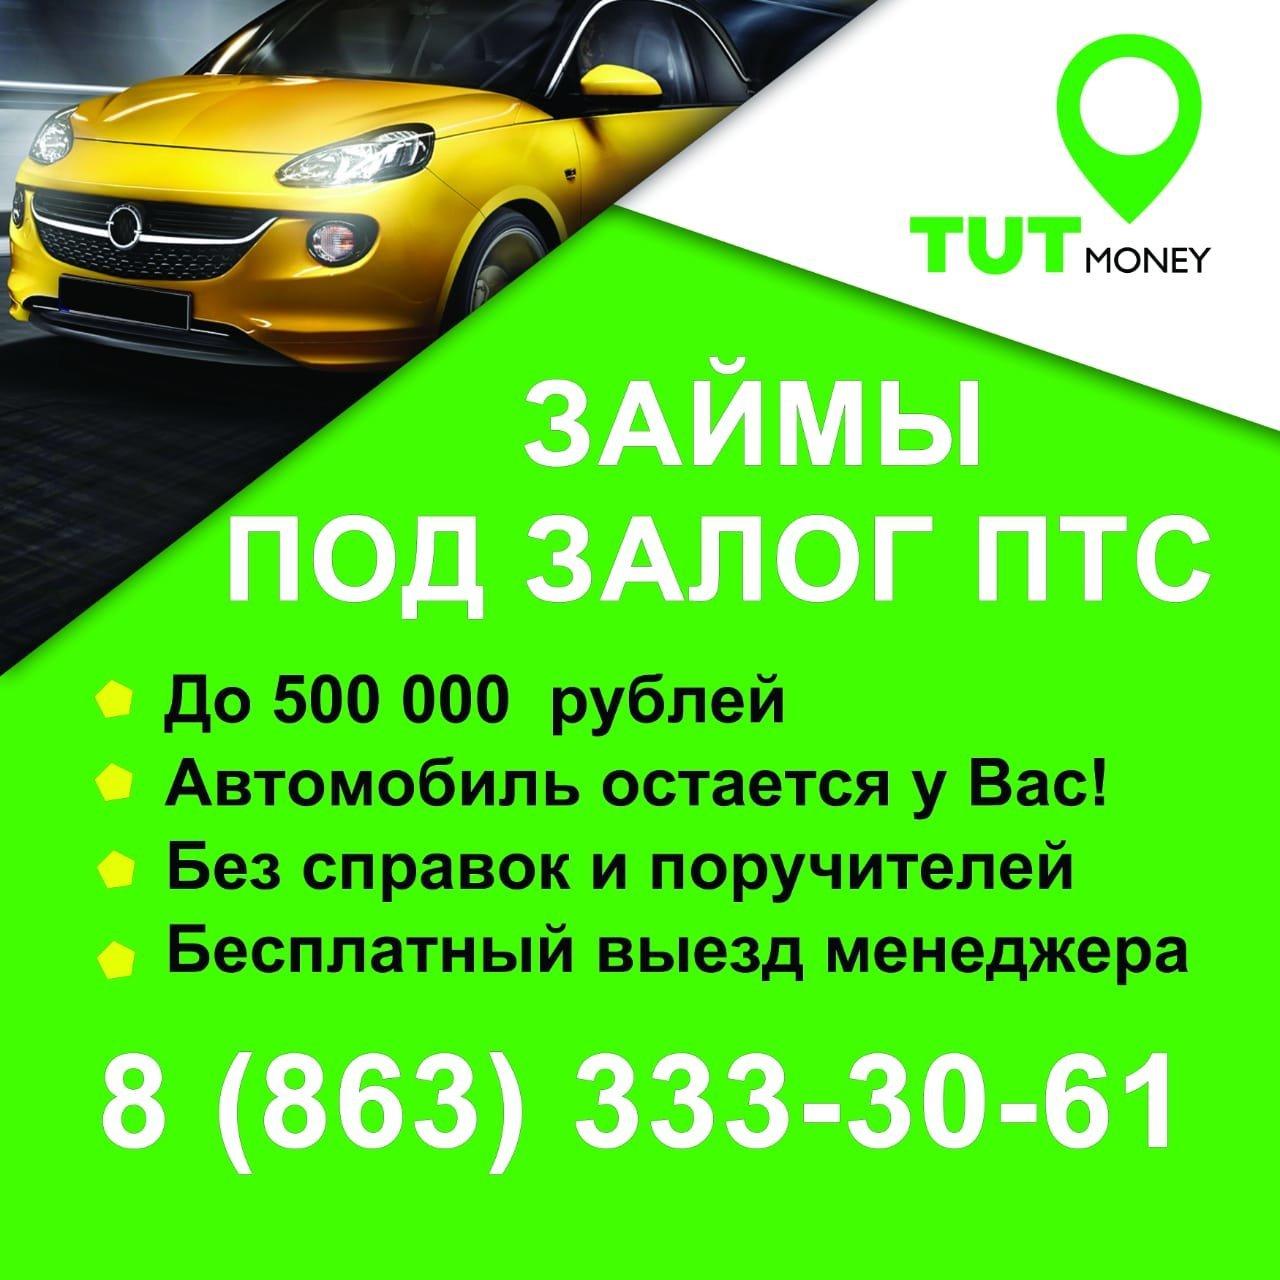 банк втб пао г москва официальный сайт реквизиты огрн